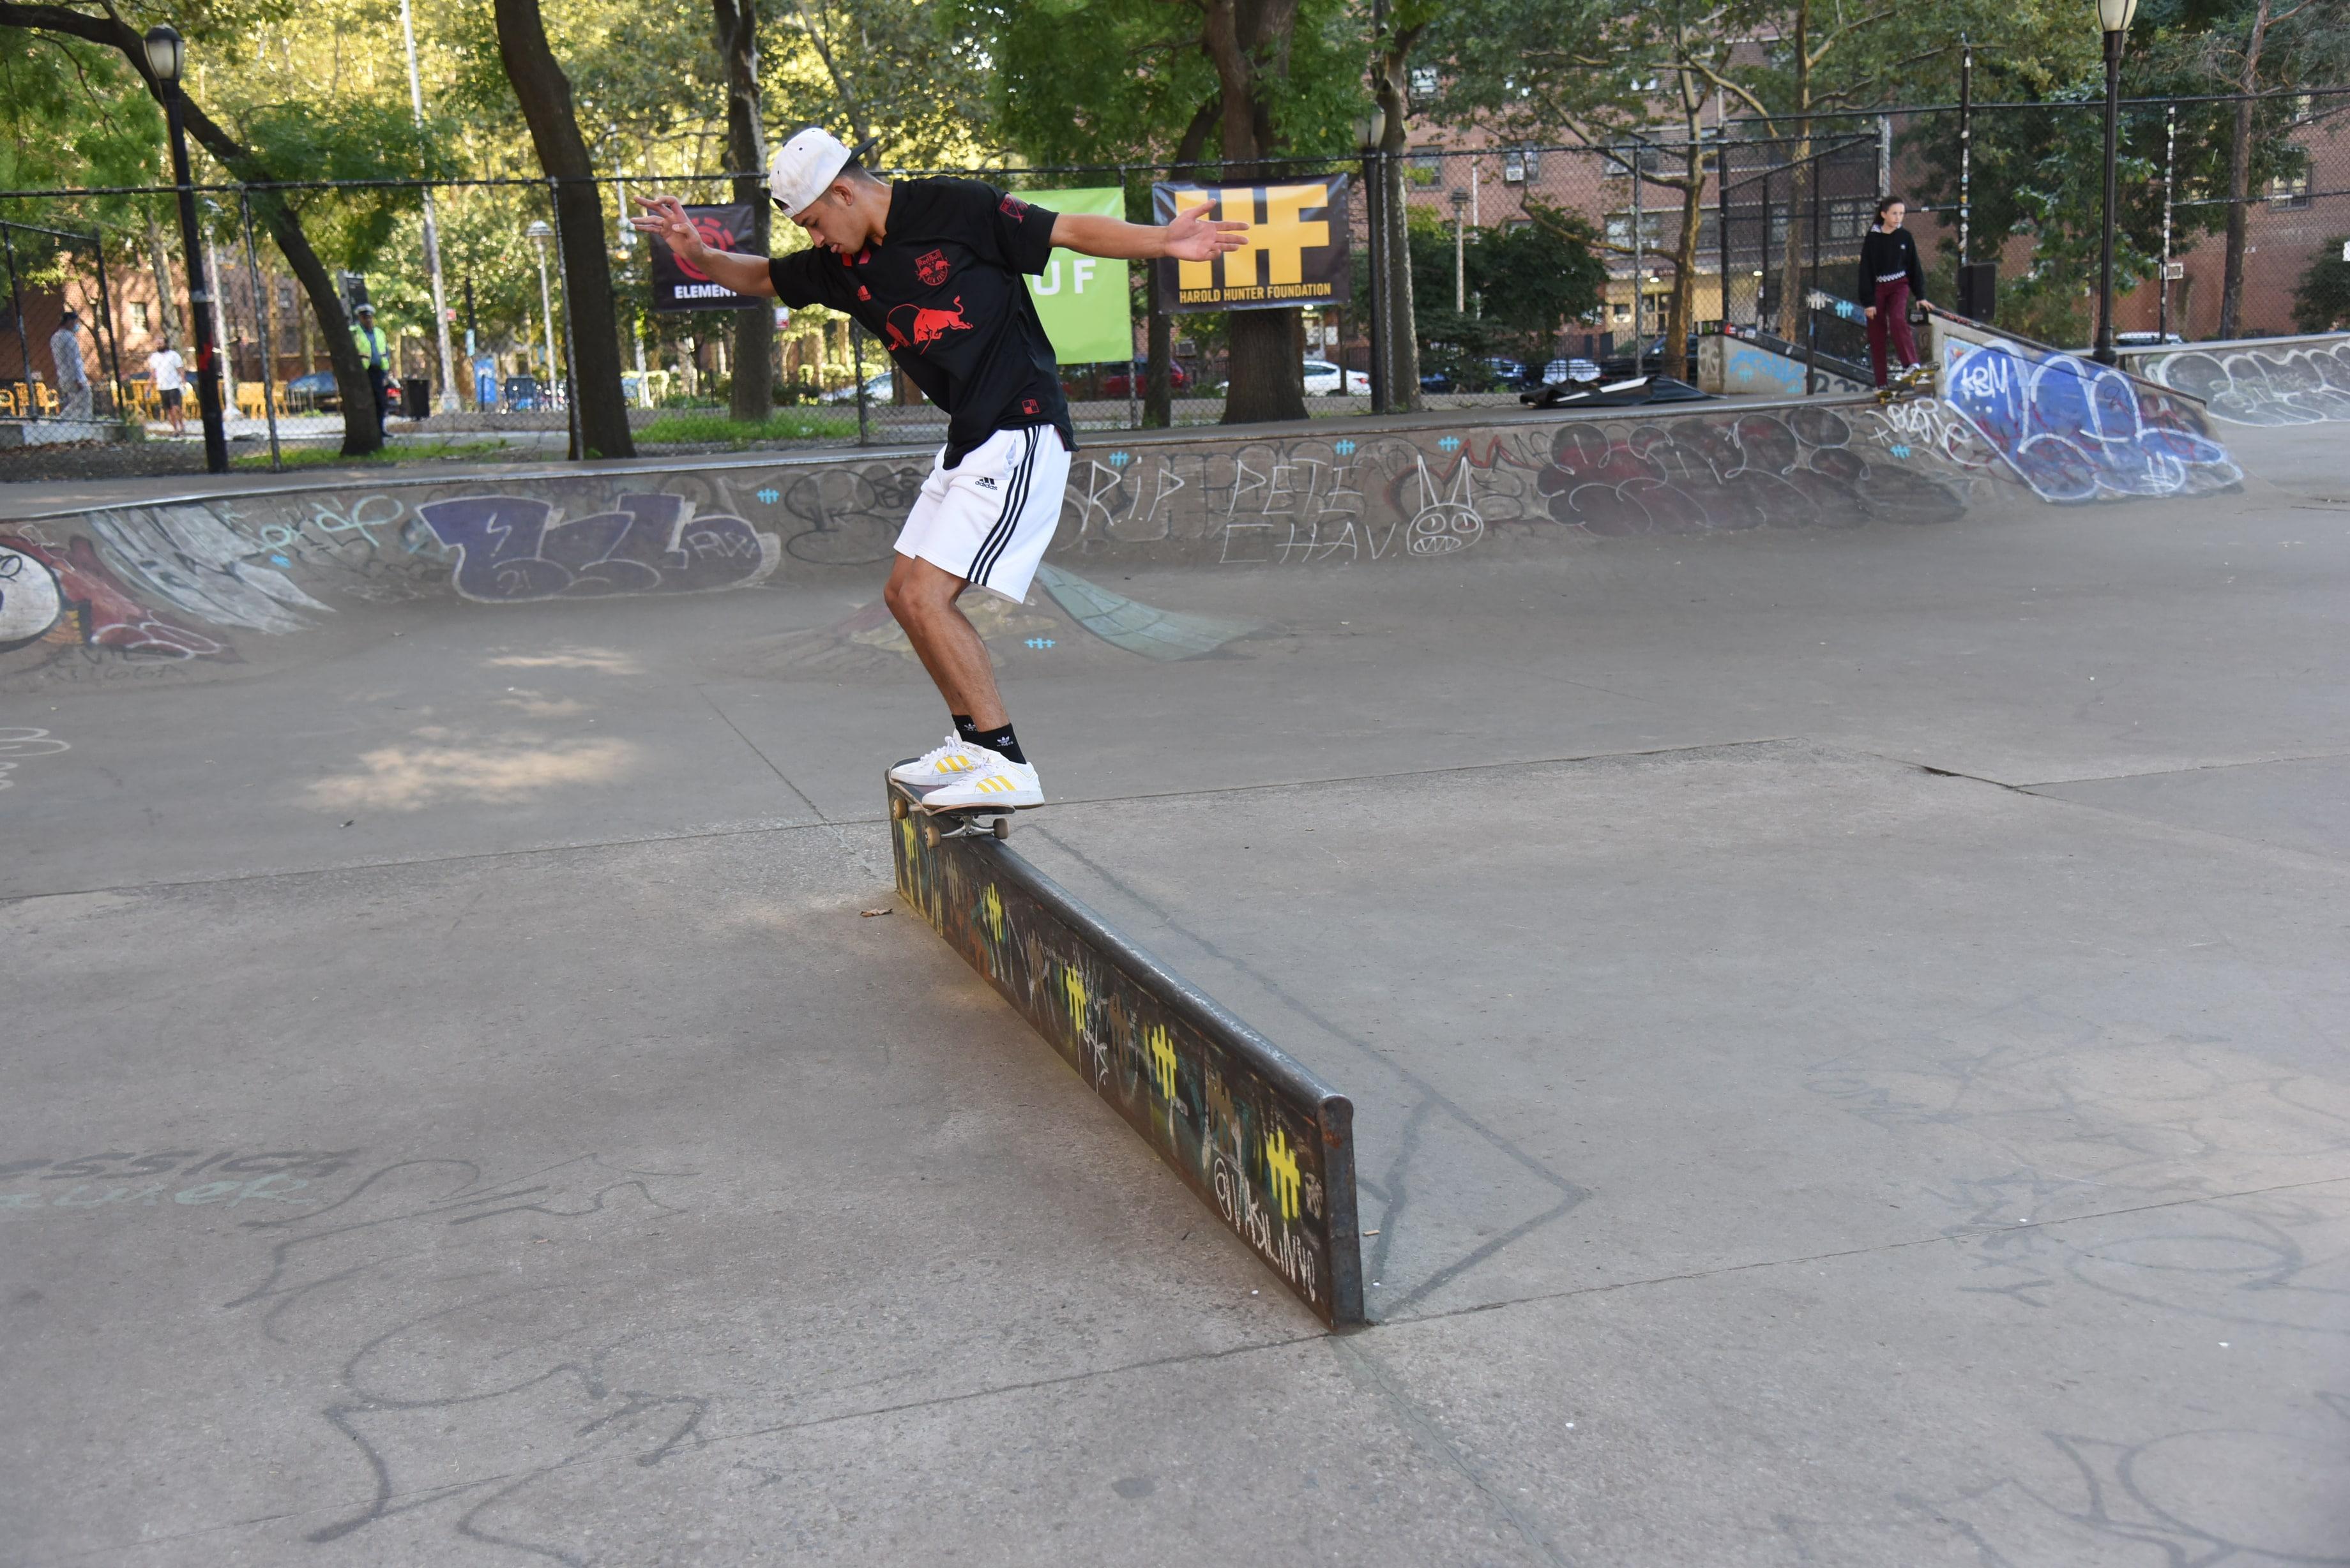 The Boardr Open - Joe Quinones